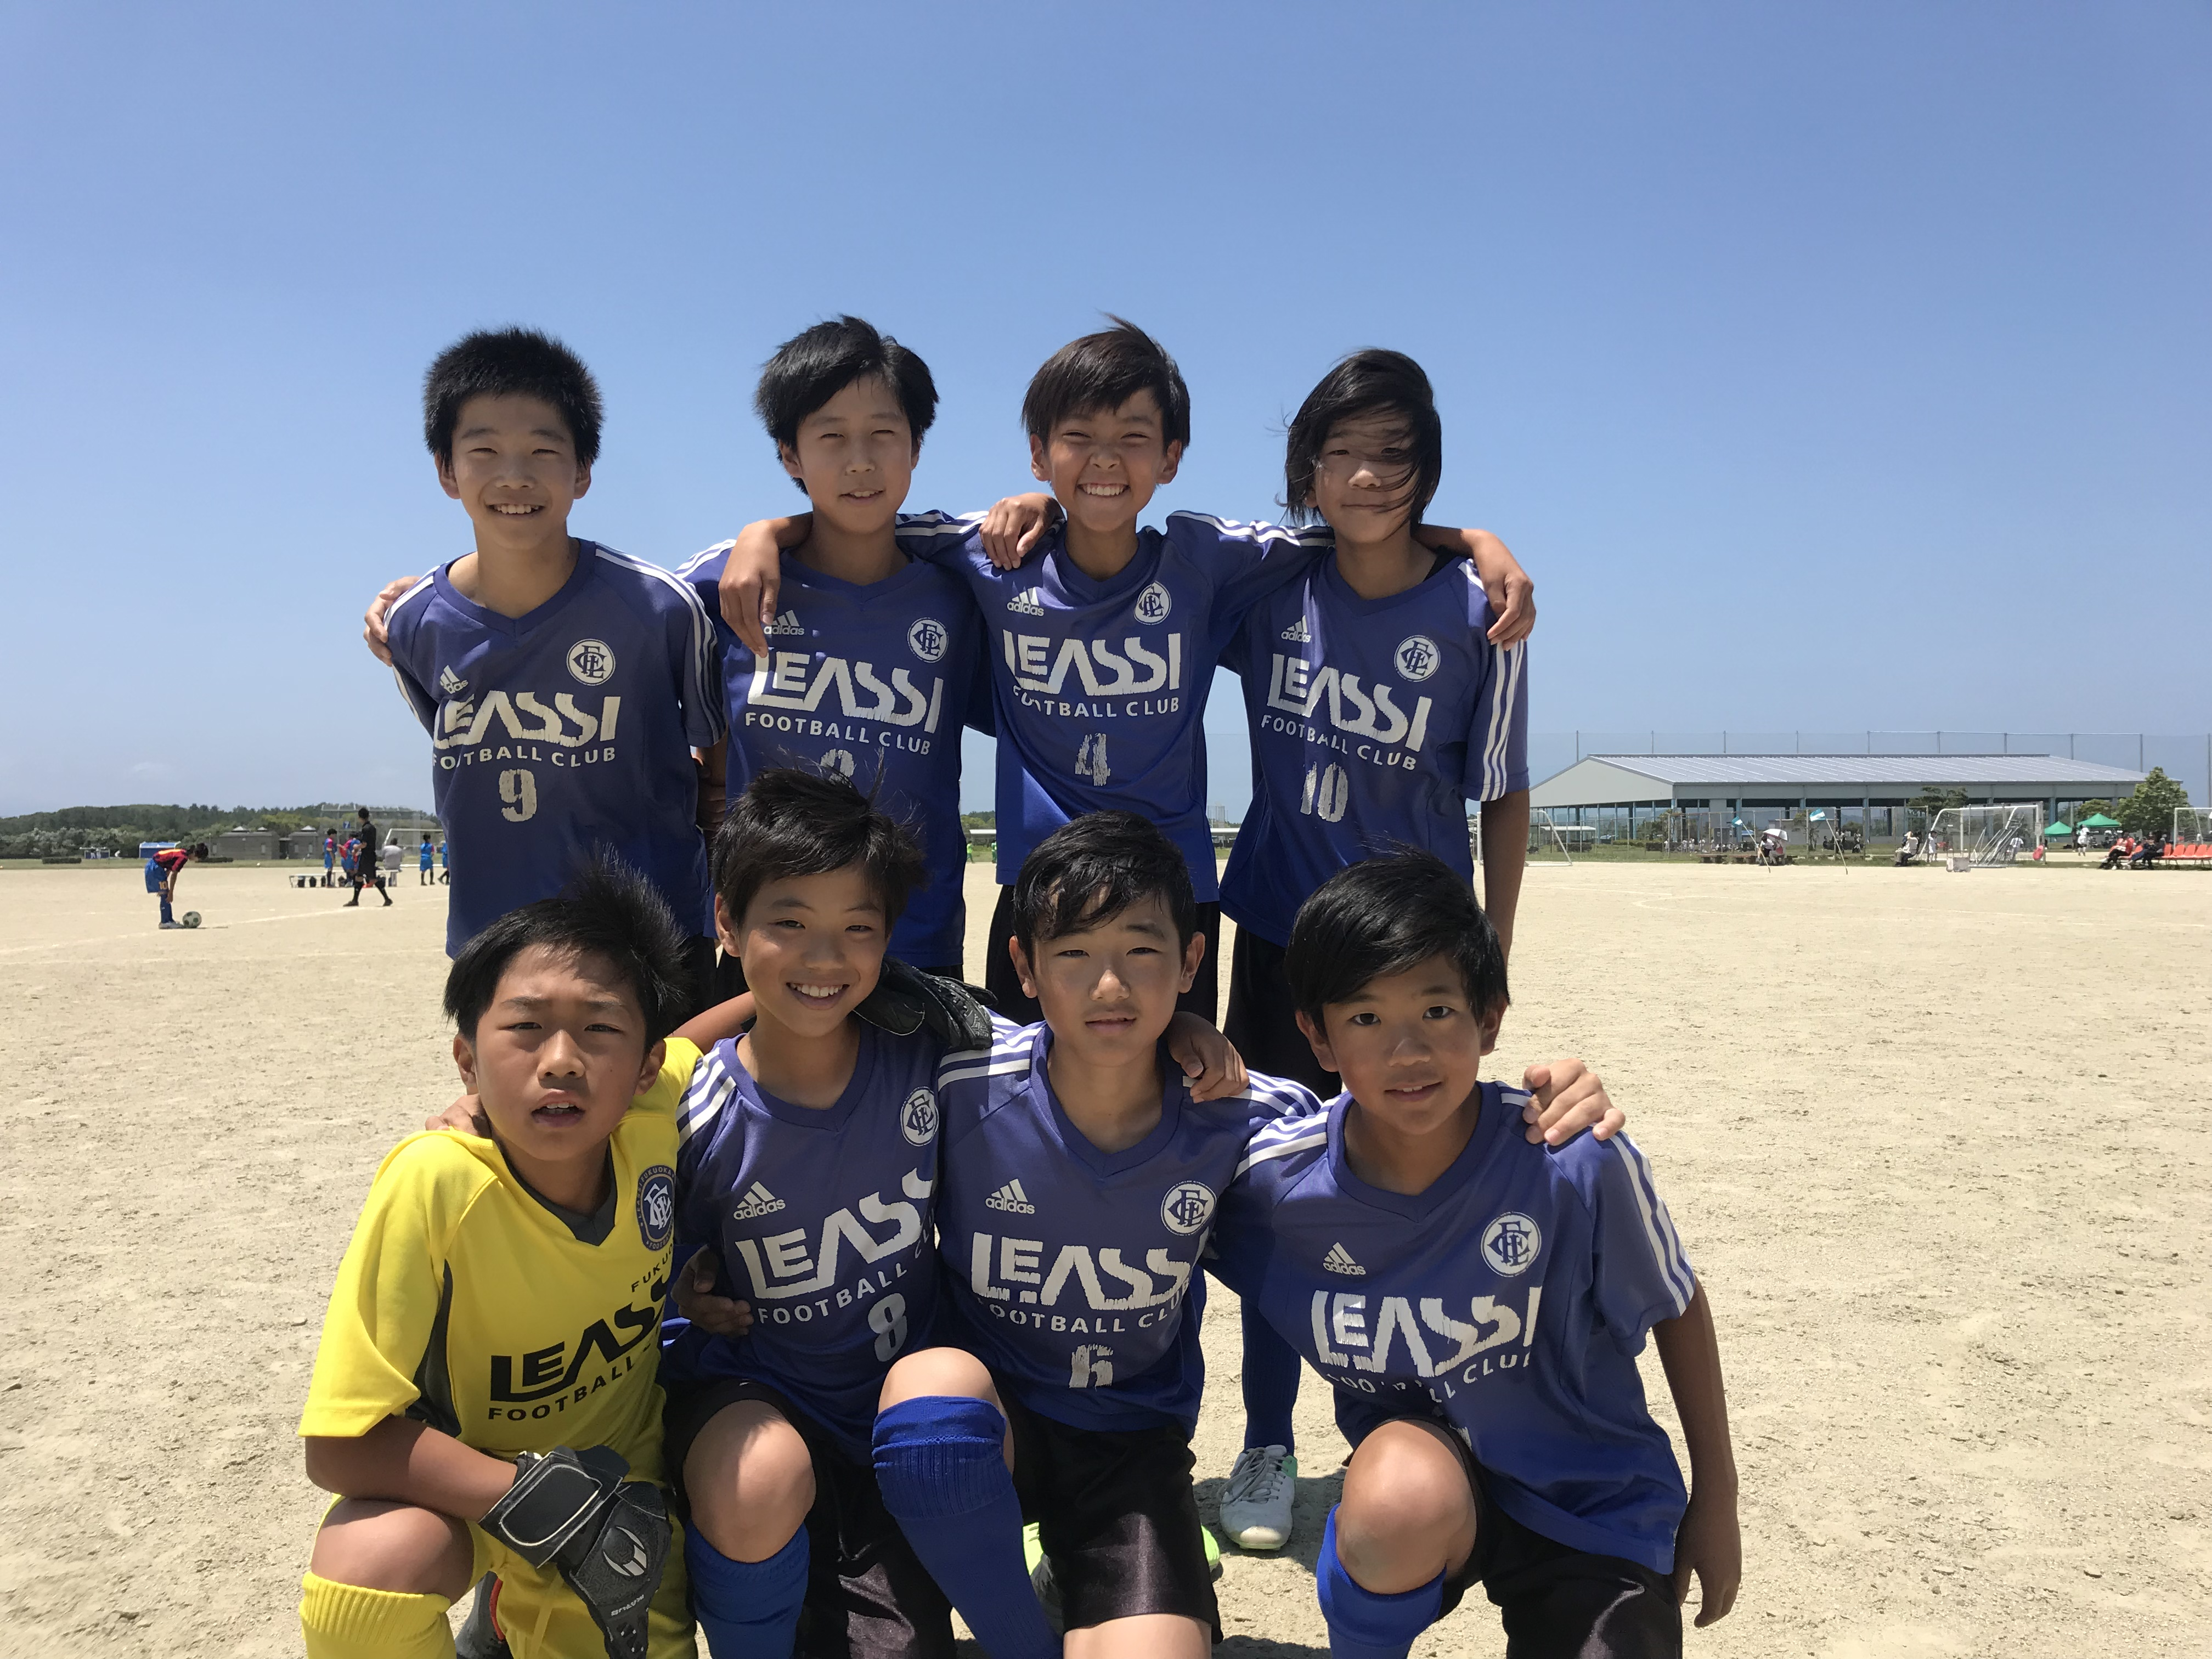 ワールドカップも始まり選手たちもやる気十分です!6月15日(金)塩原スクール!